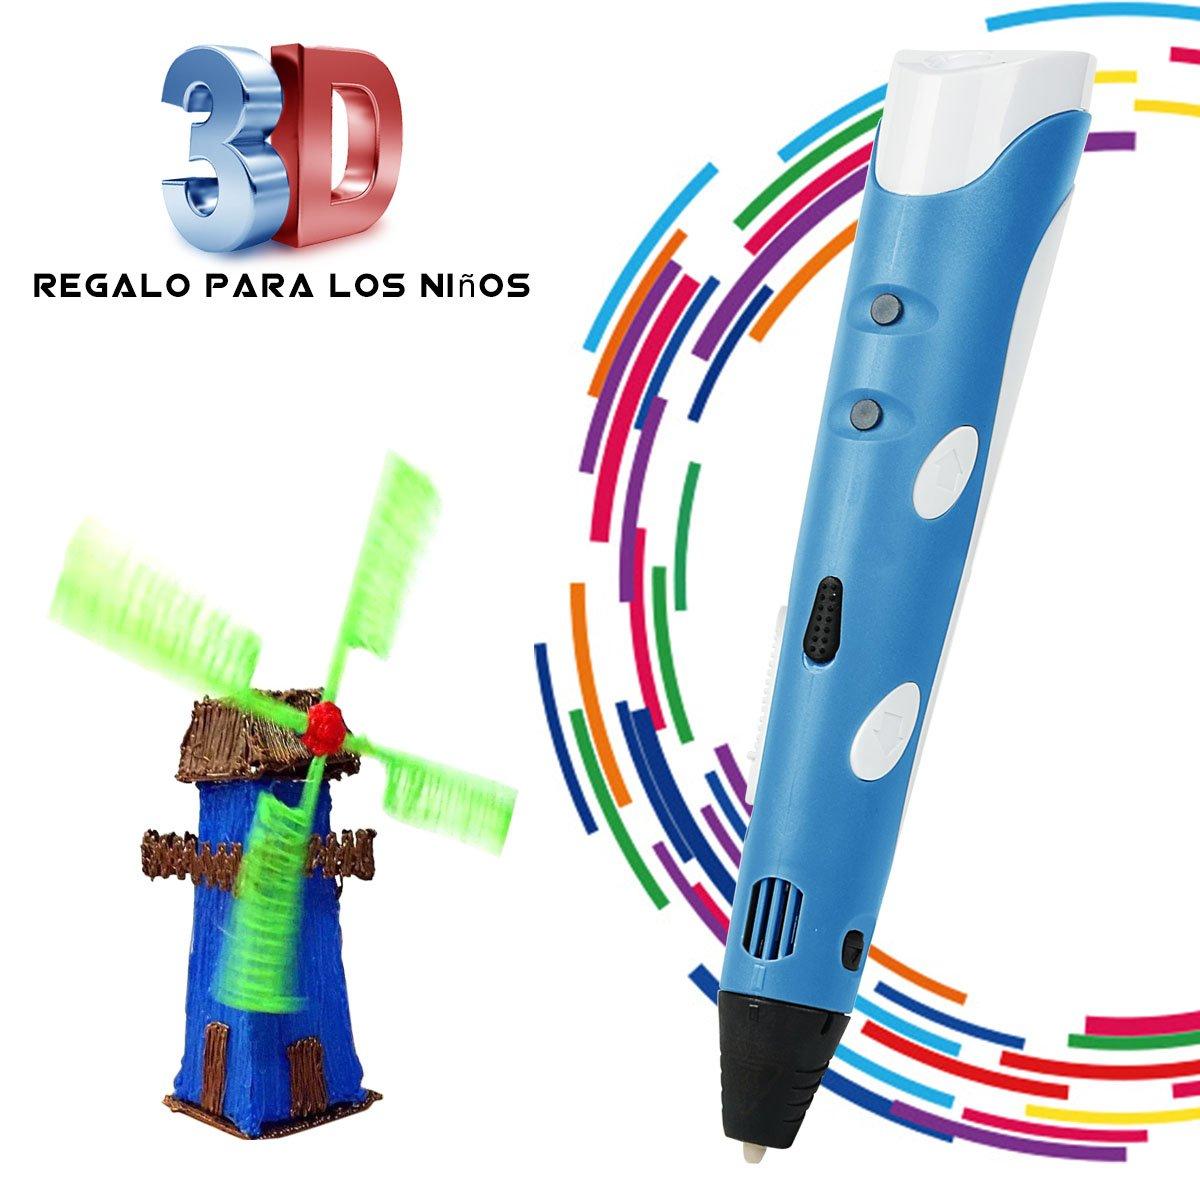 BANGBO 3D Stift Set fü r Kinder,3D Drucker Stift,3D Stereoscopic Printing Pen,3D Stifte mit+ PLA 3 Farben kompatibel mit PLA ABS-Modus Optionen fü r Bastler zu kritzeleien,Erwachsene, basteln, malen und 3D drü cken HW-3DpenEU-Blue